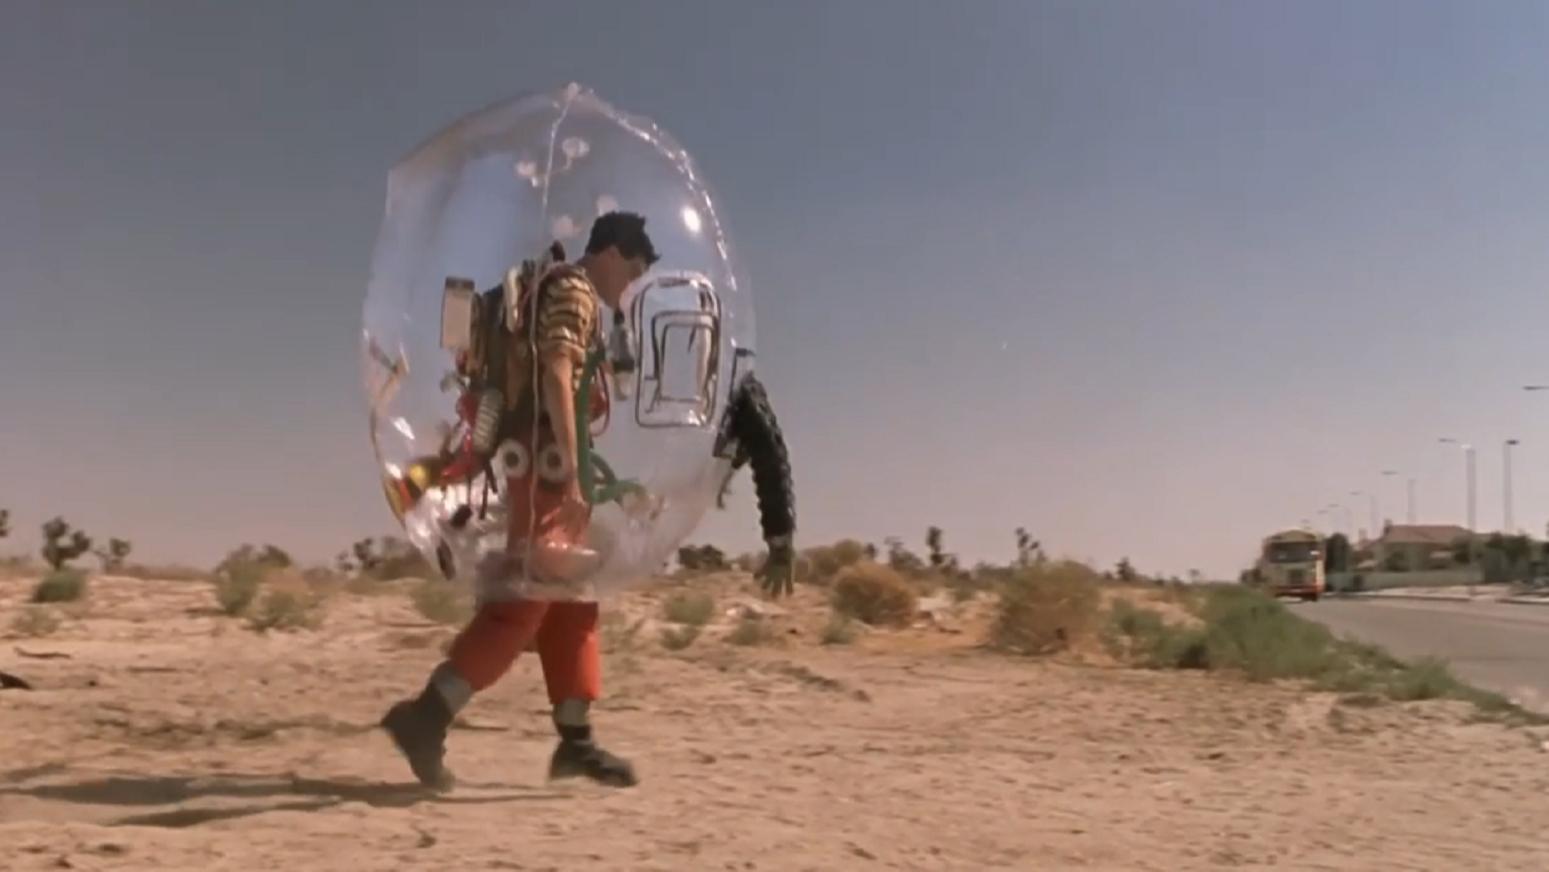 美国妈妈担心儿子被感染,于是把他装进泡泡里,一部爱情喜剧电影